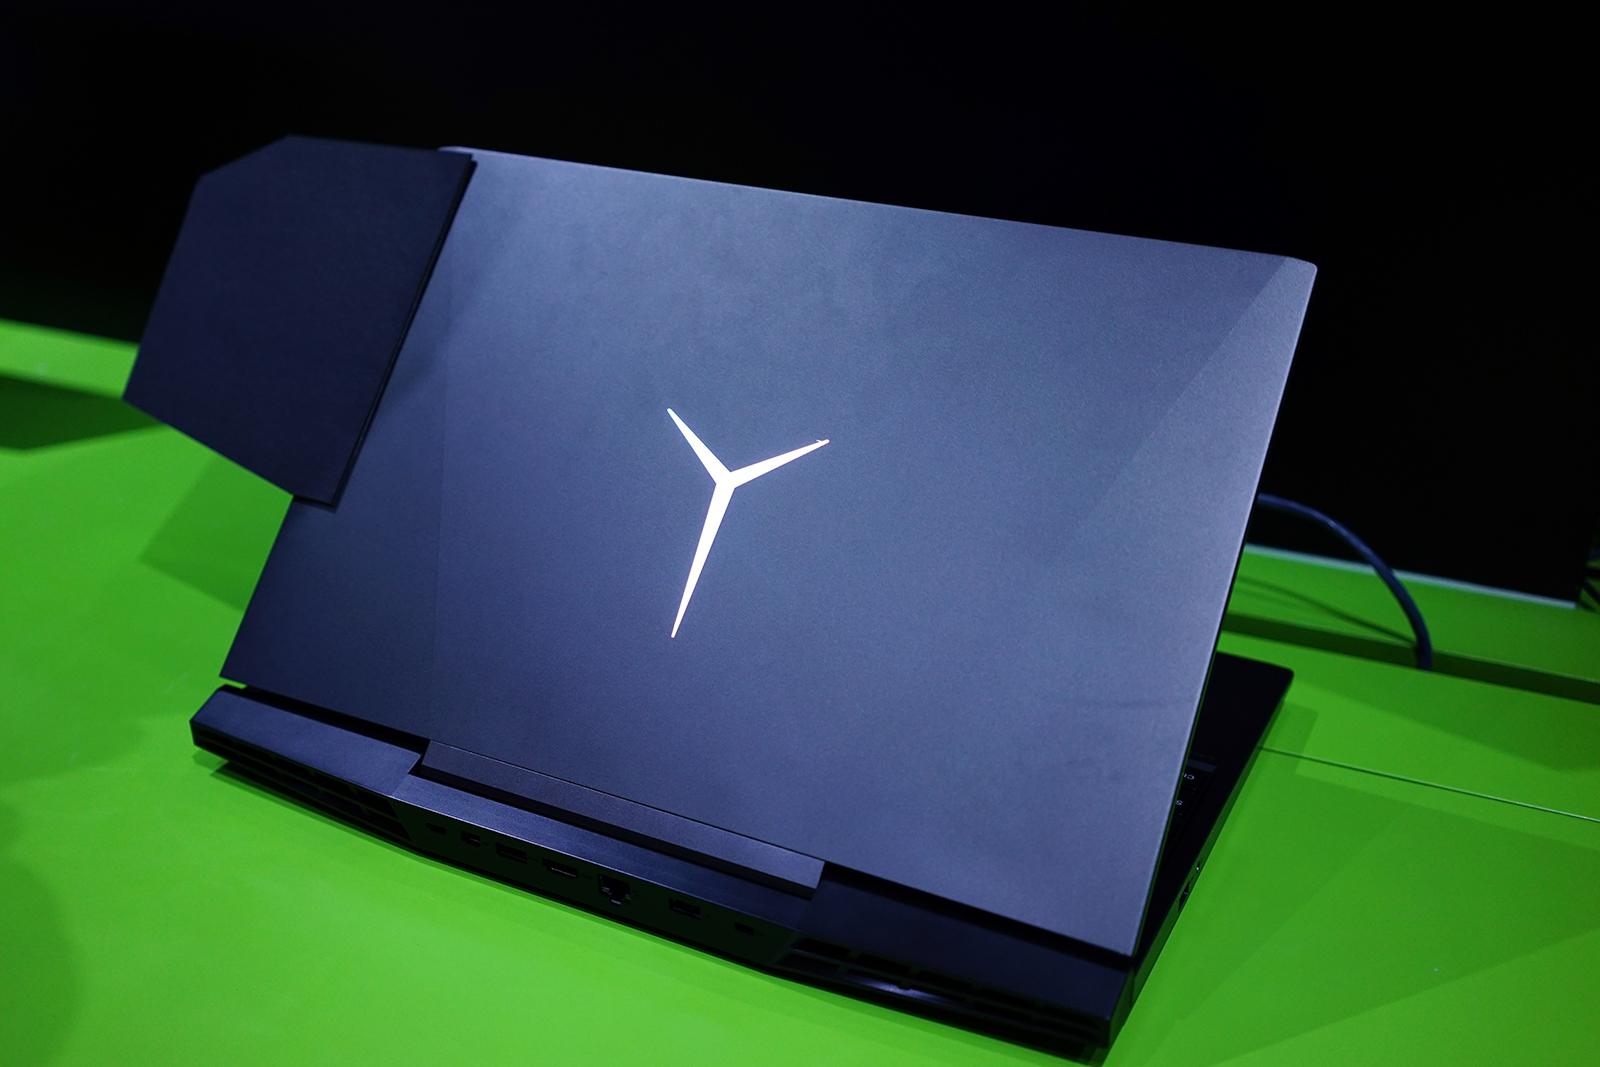 搭载GTX 1060独立显卡 联想拯救者Y7000P专业游戏本亮相NVIDIA